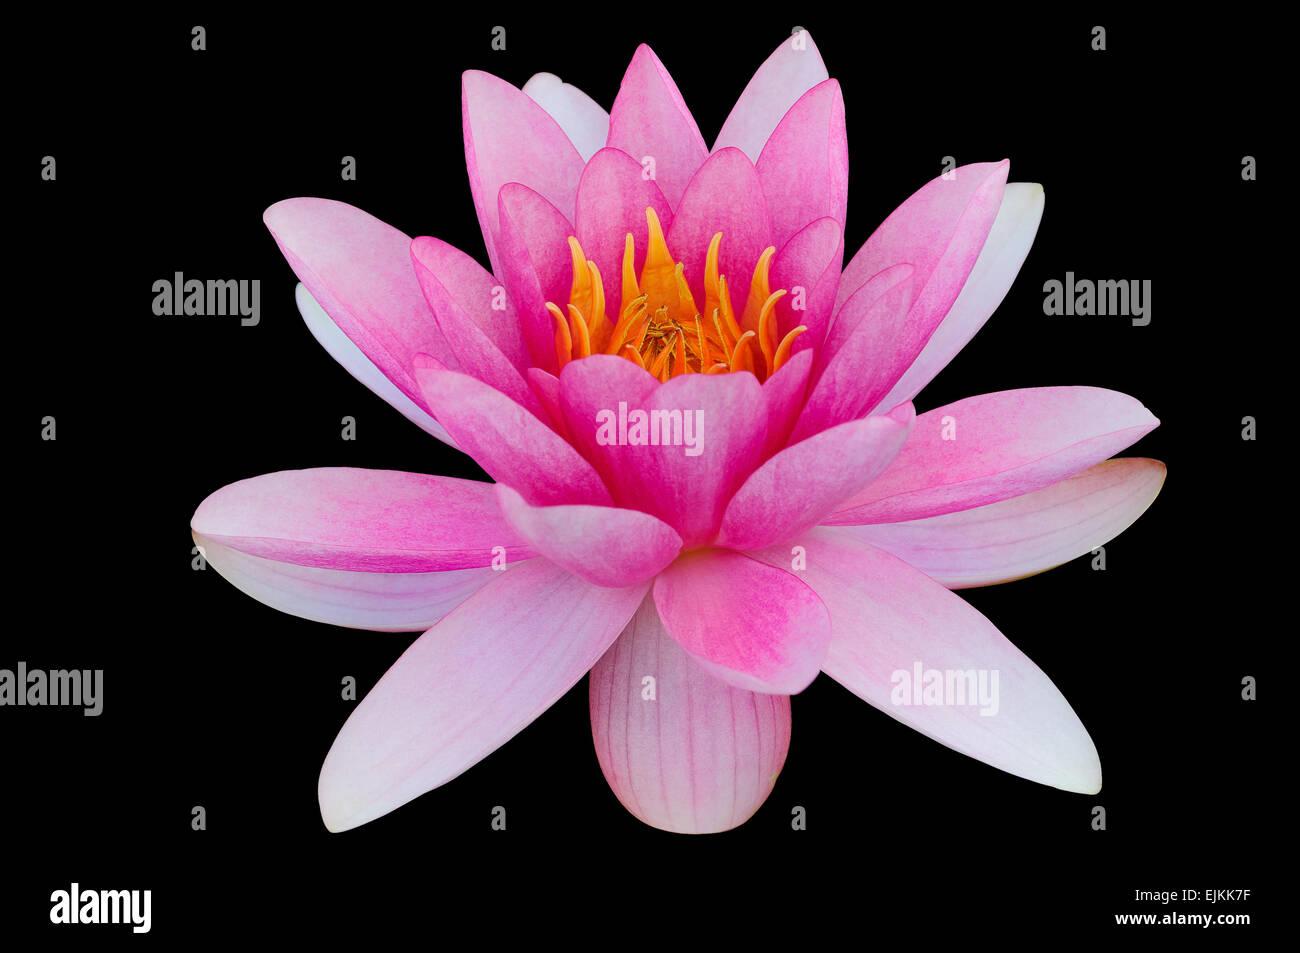 Acqua di rosa lily sfondo nero clip art tracciato di ritaglio Immagini Stock